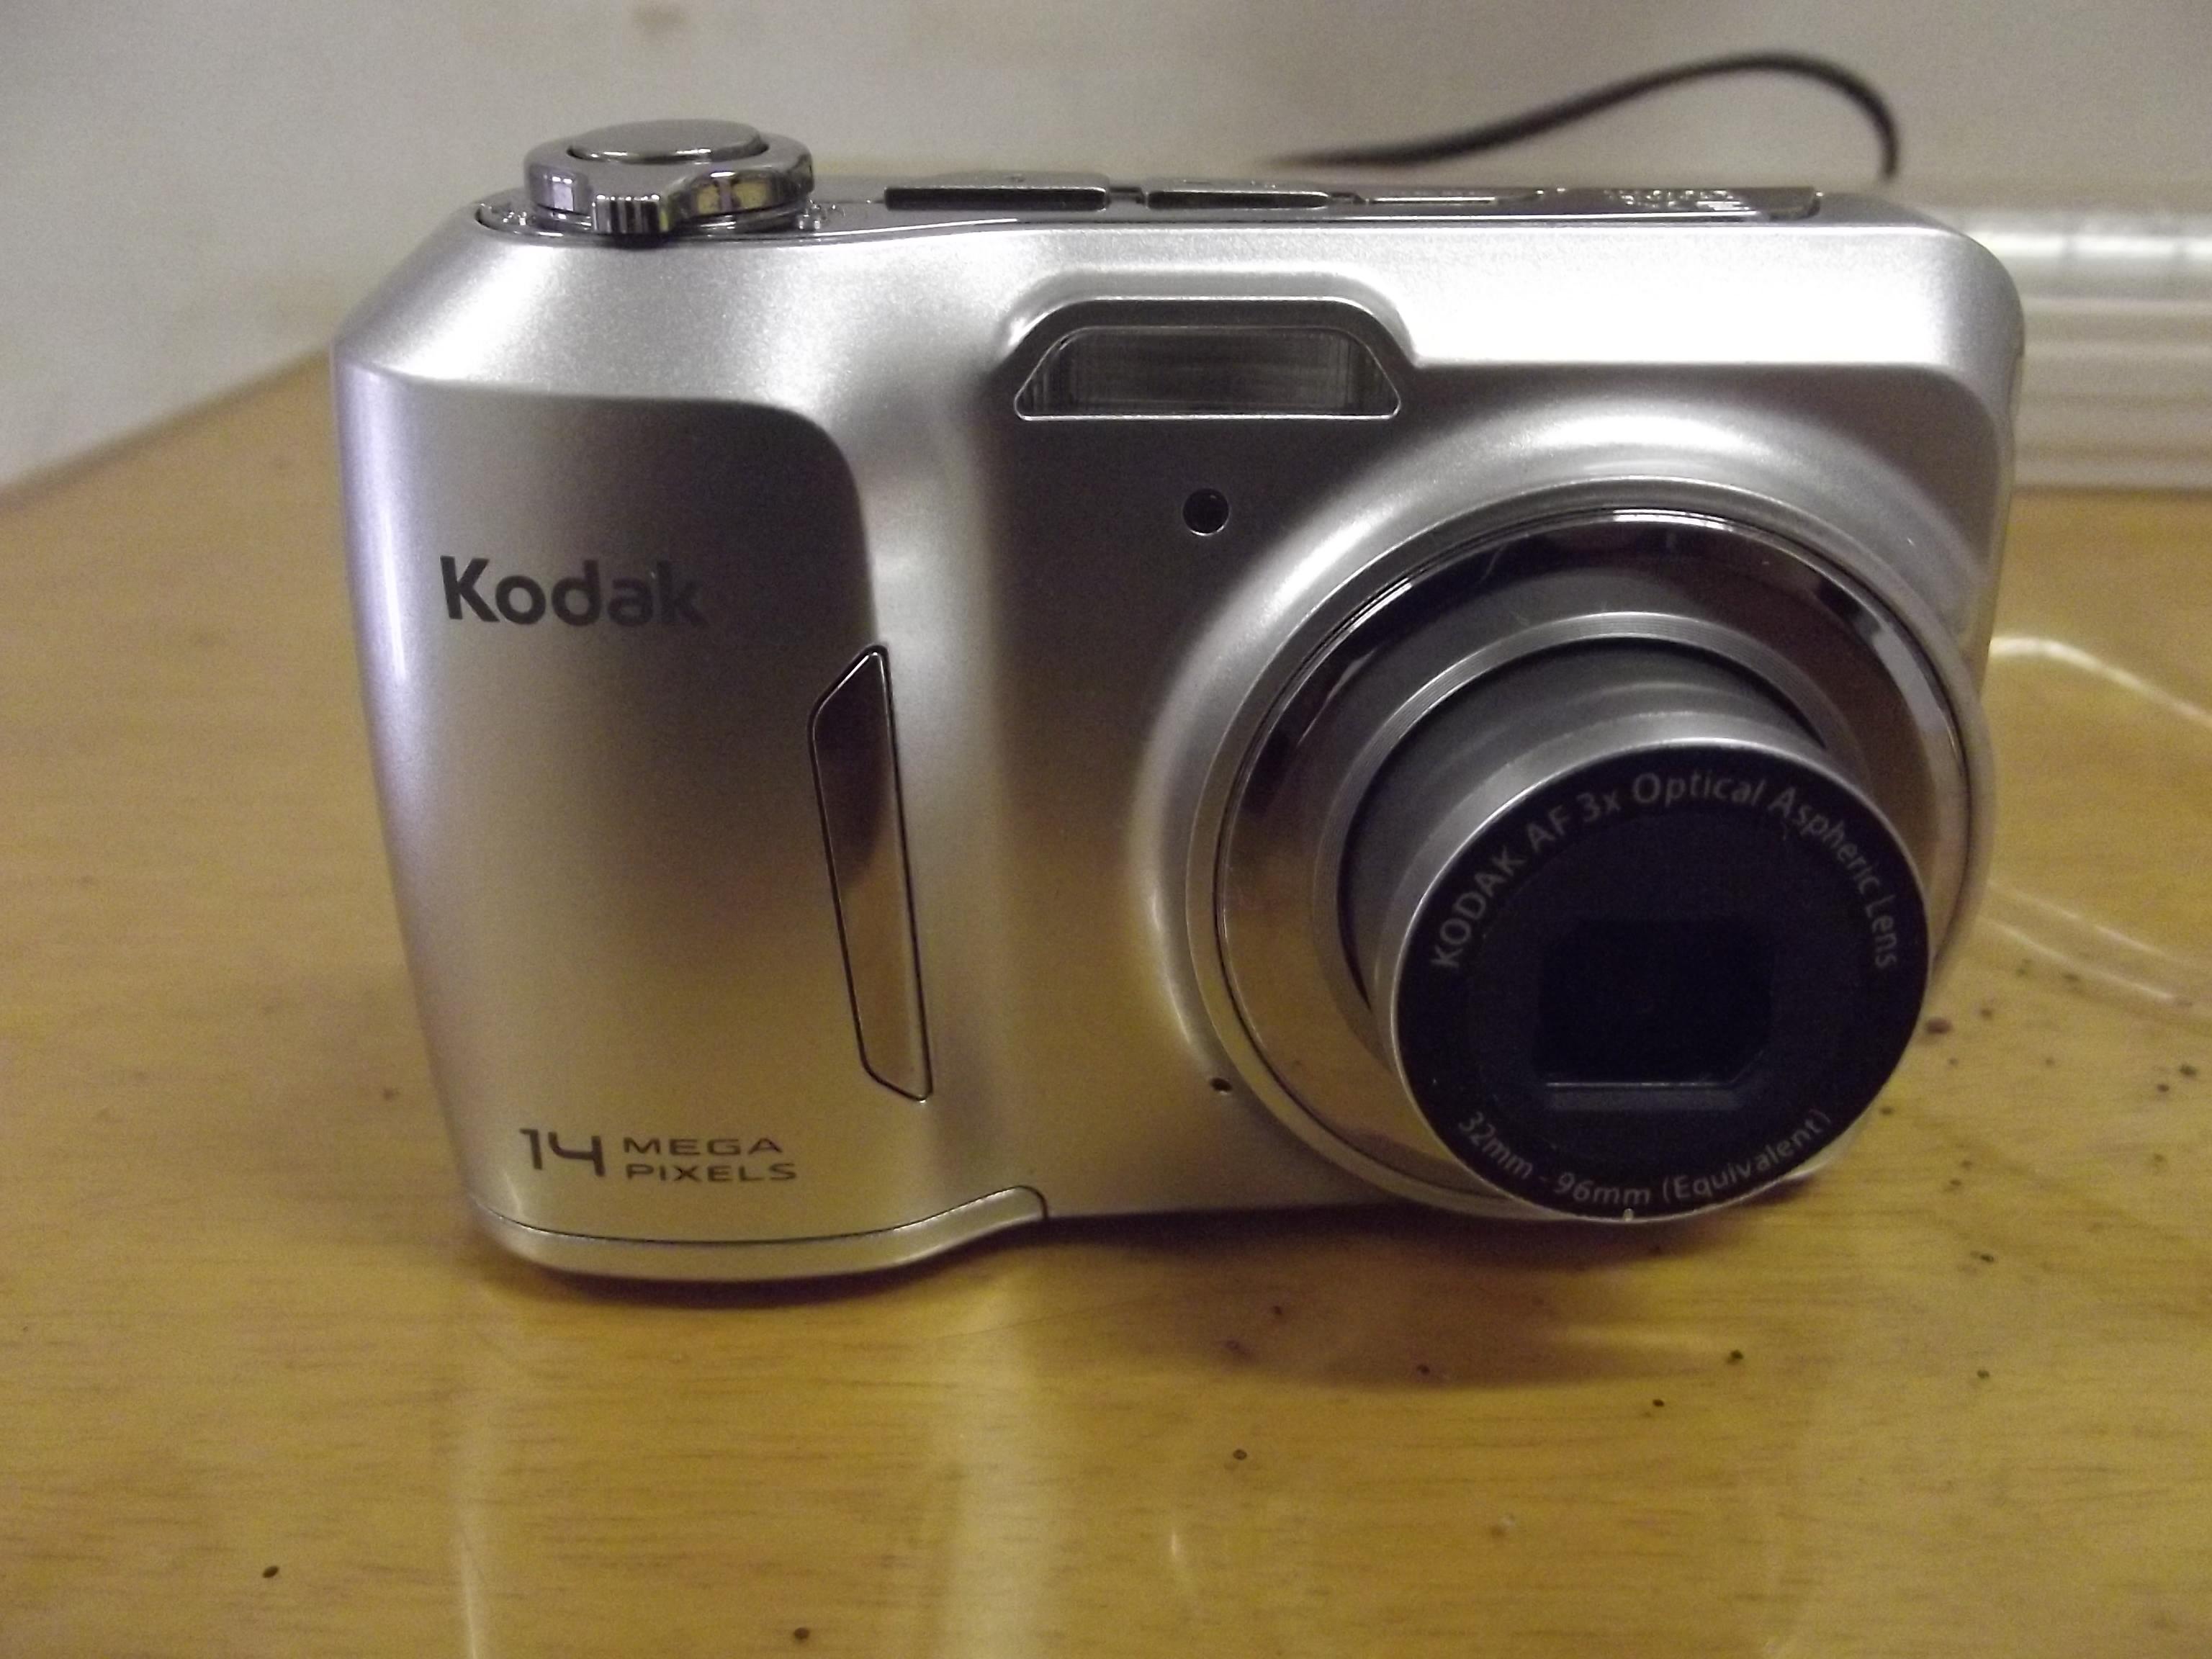 Câmera Digital KODAK Easyshare C183 (2010). Foto feita com câmera Fujifilm Finepix S2980.